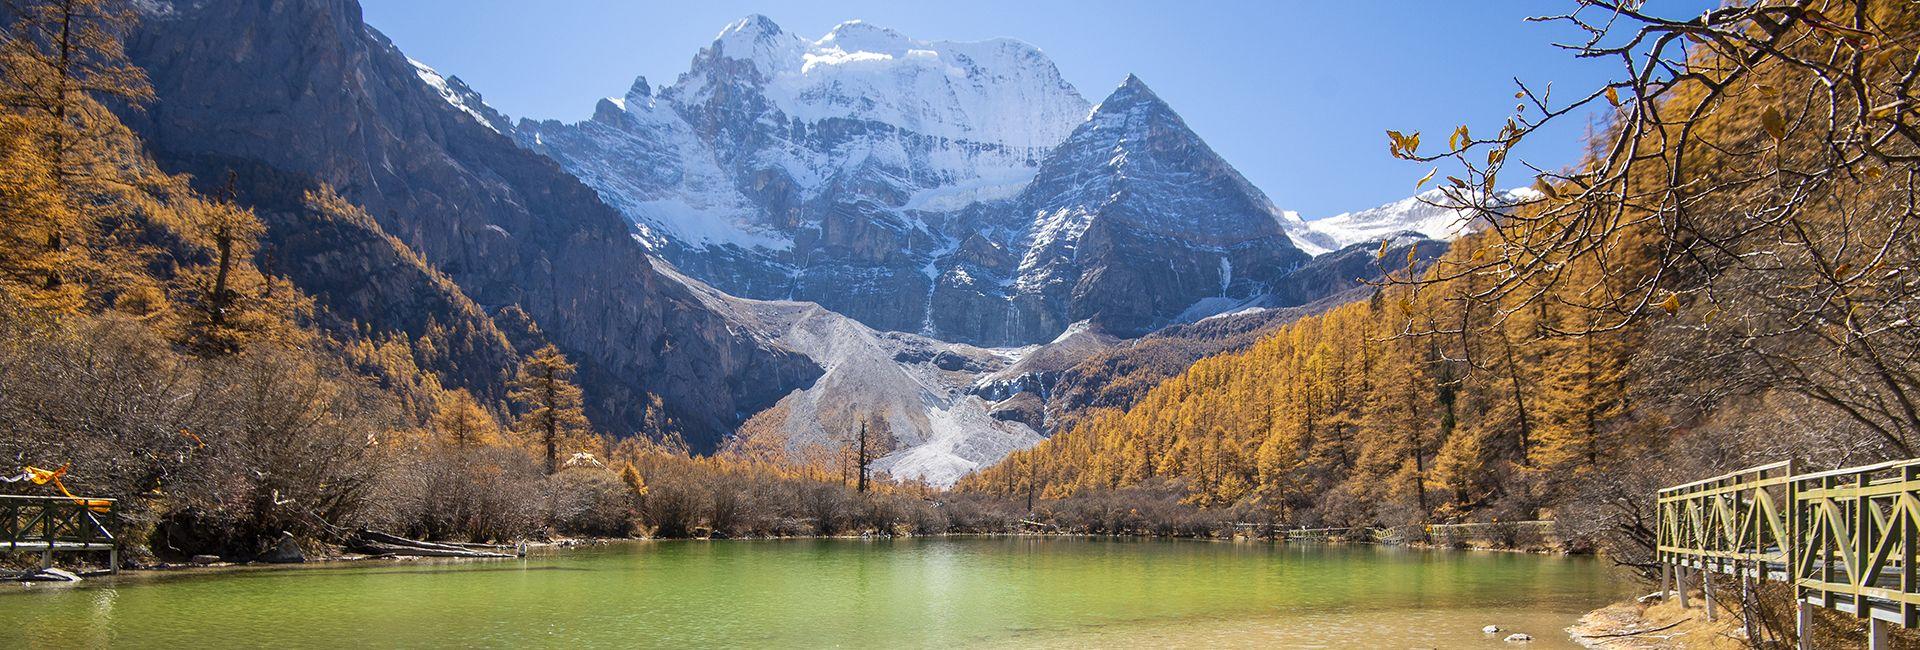 Top 5 địa điểm du lịch đáng chú ý ở Tứ Xuyên, Trung Quốc